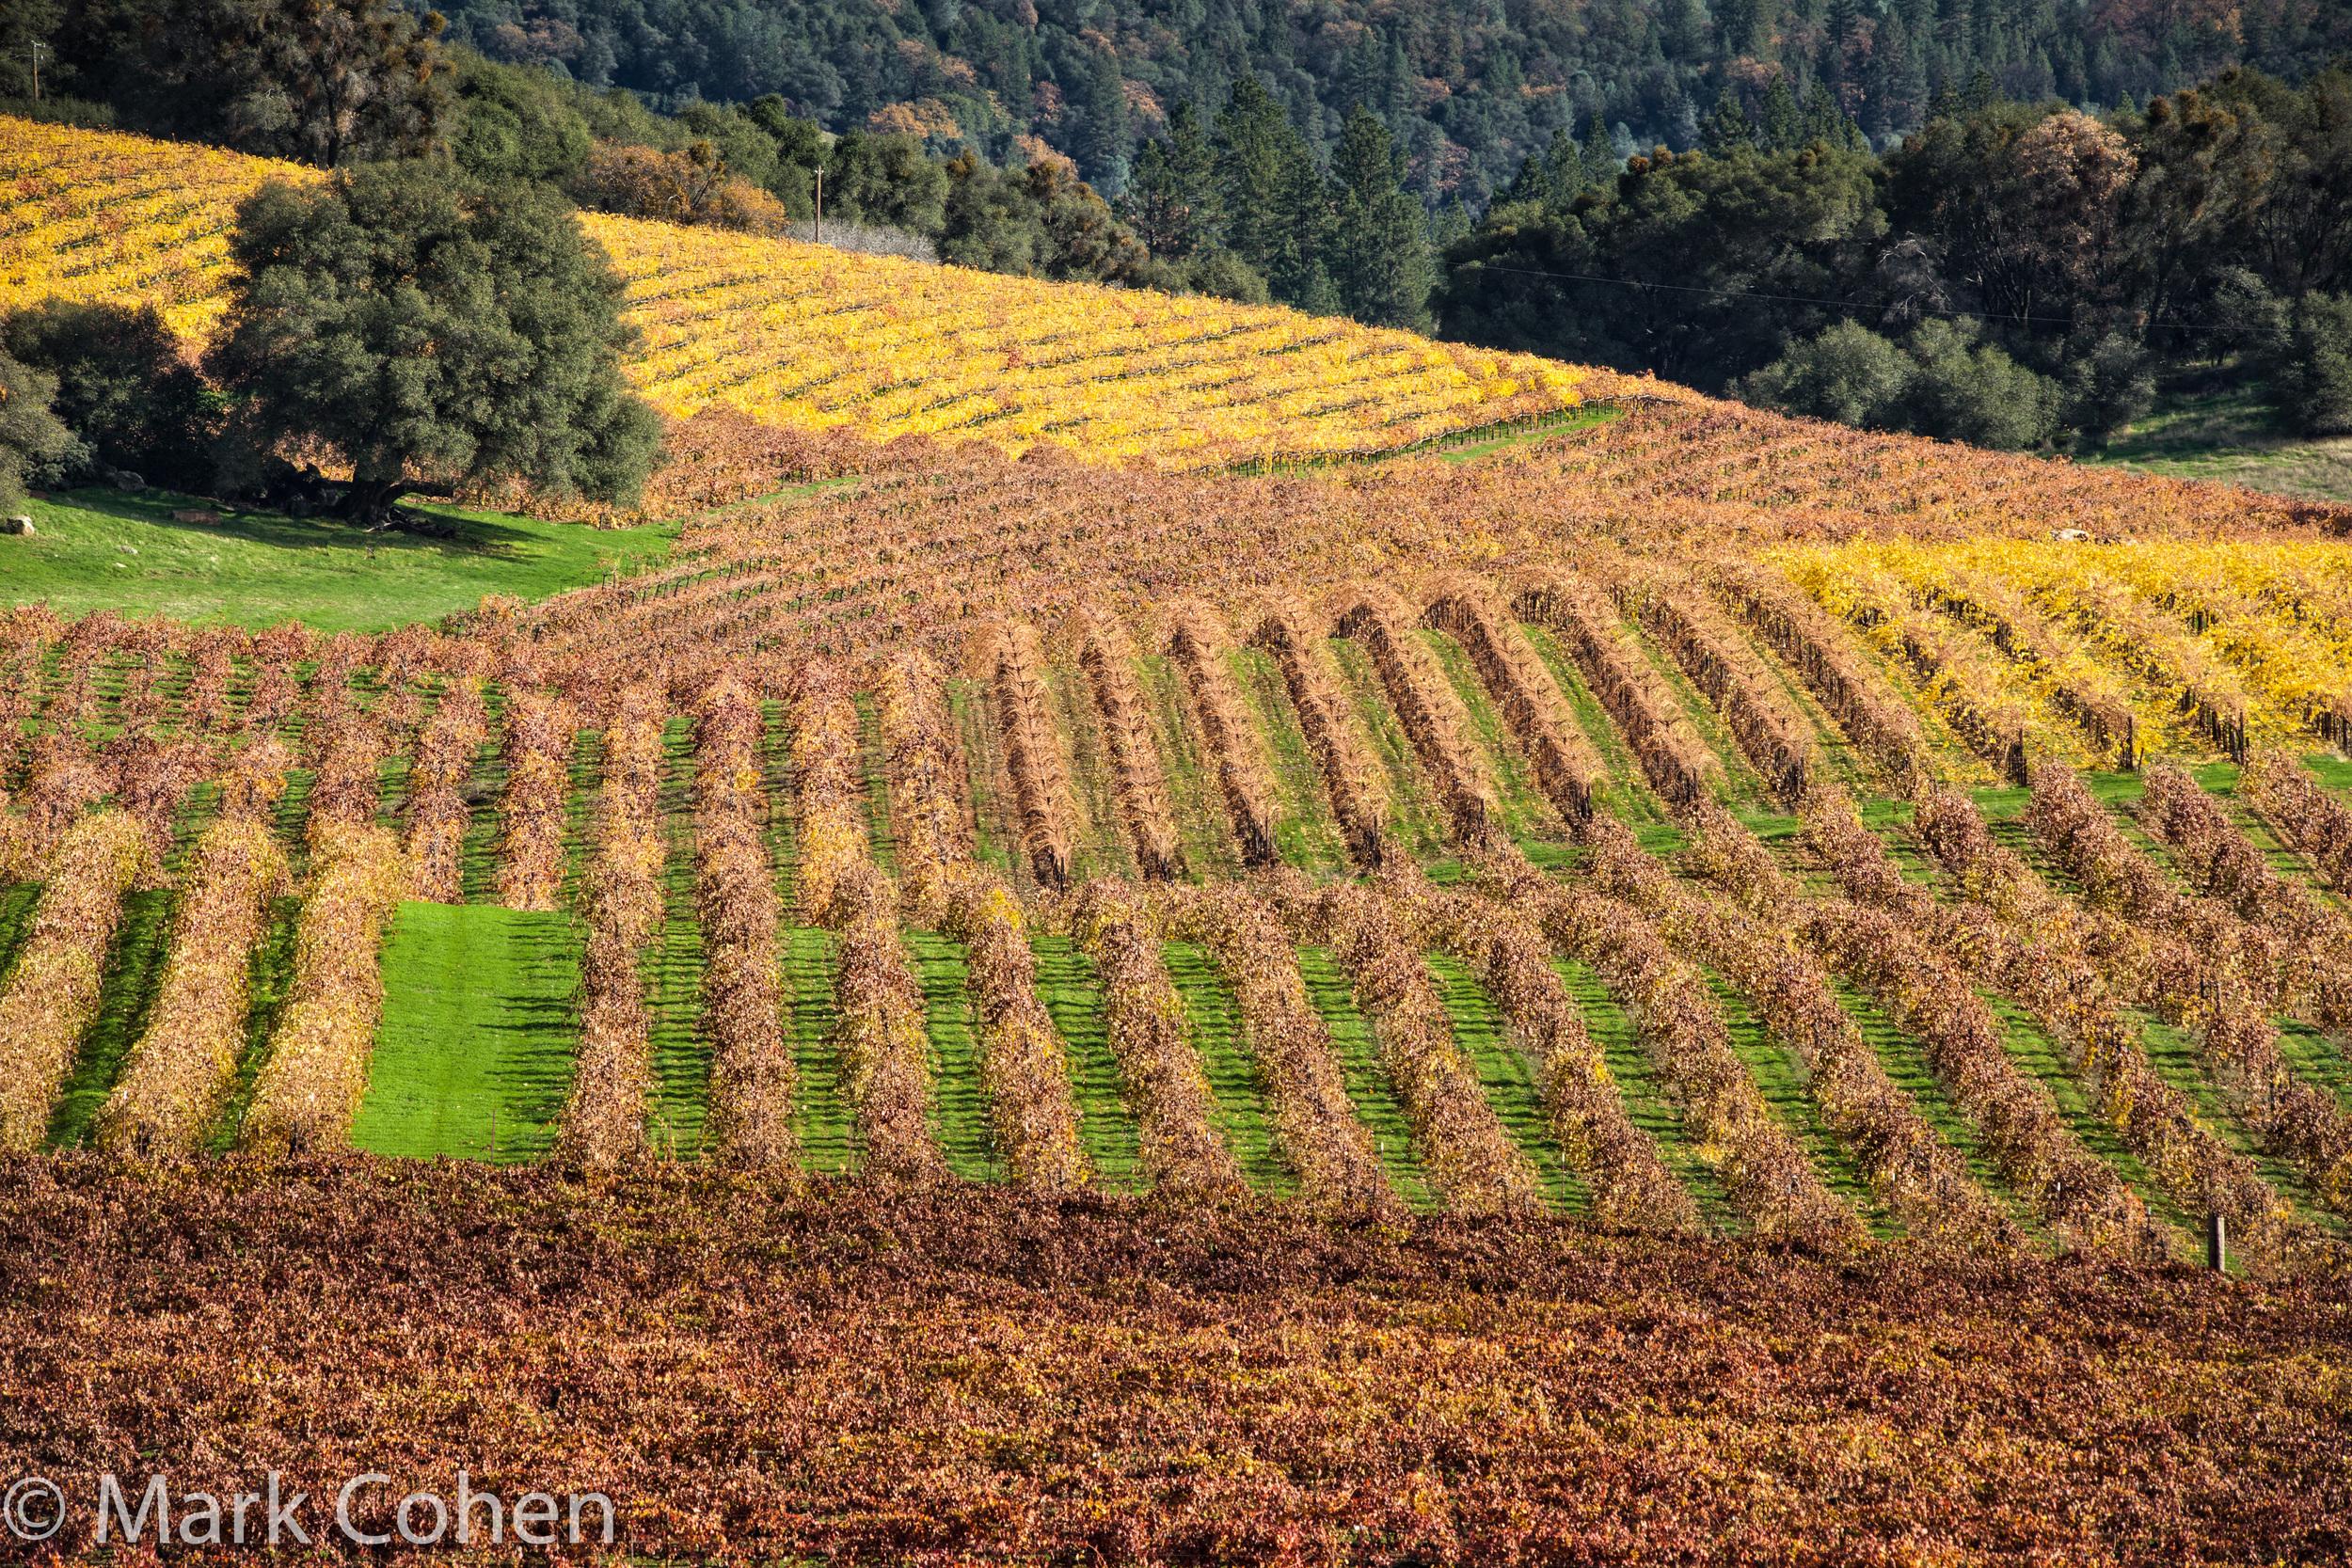 Vineyard no.5, Amador County, 2014